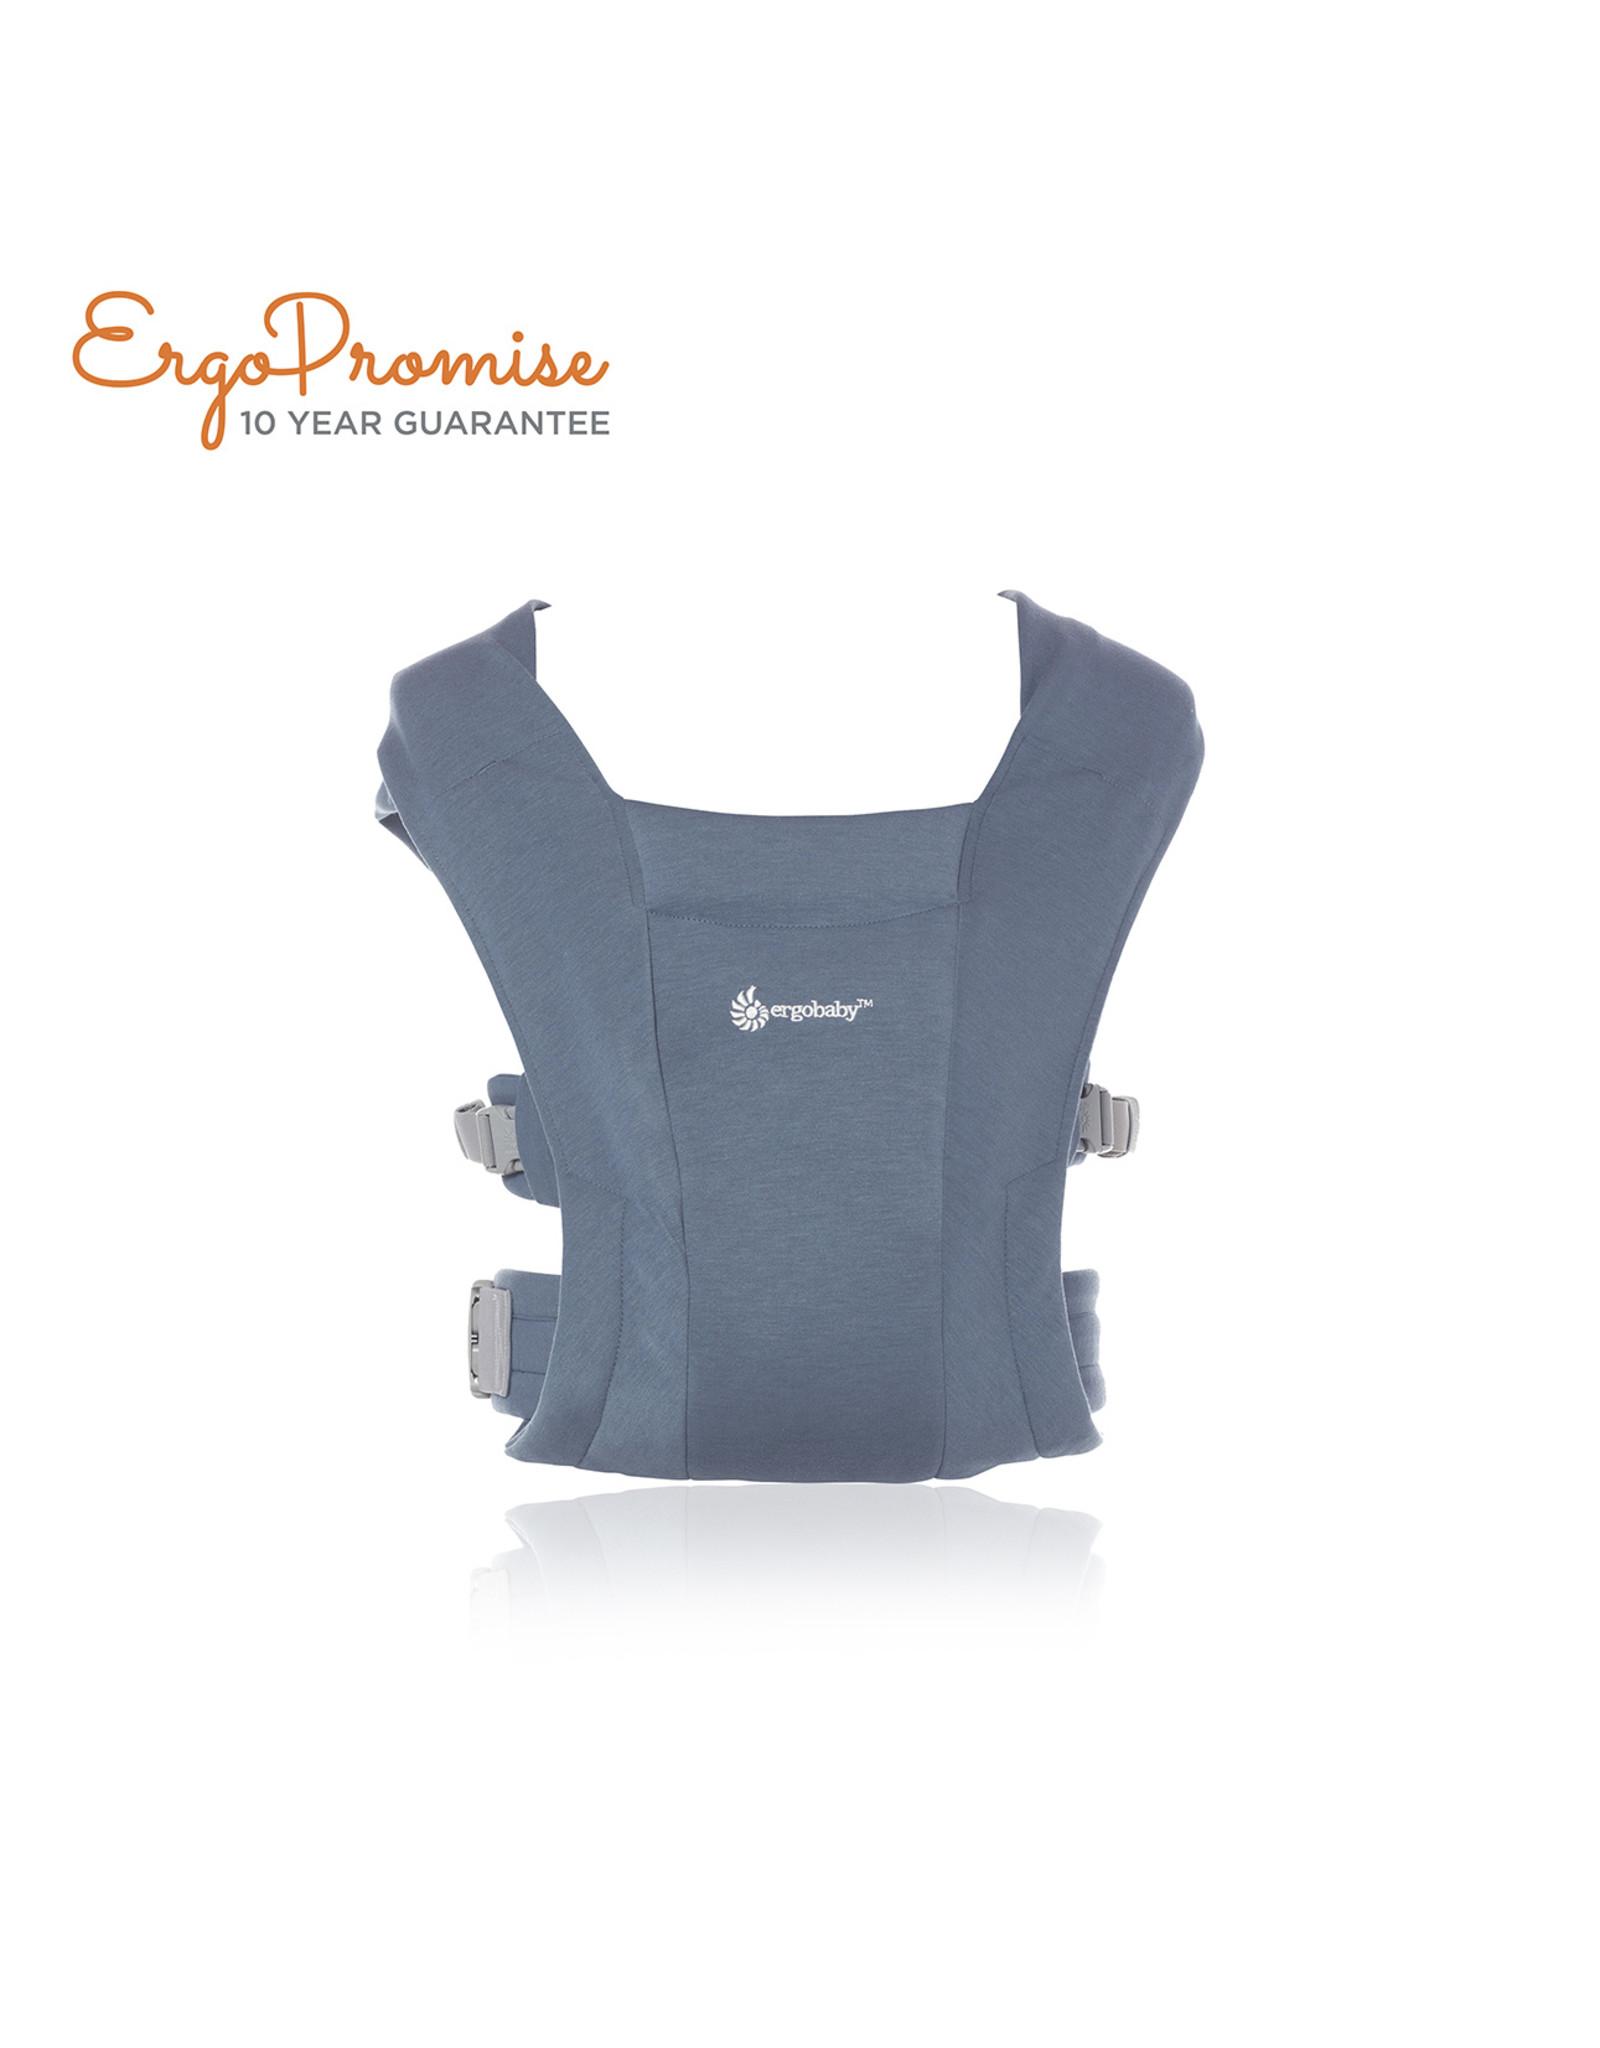 Ergobaby Ergobaby Embrace - Oxford Blue